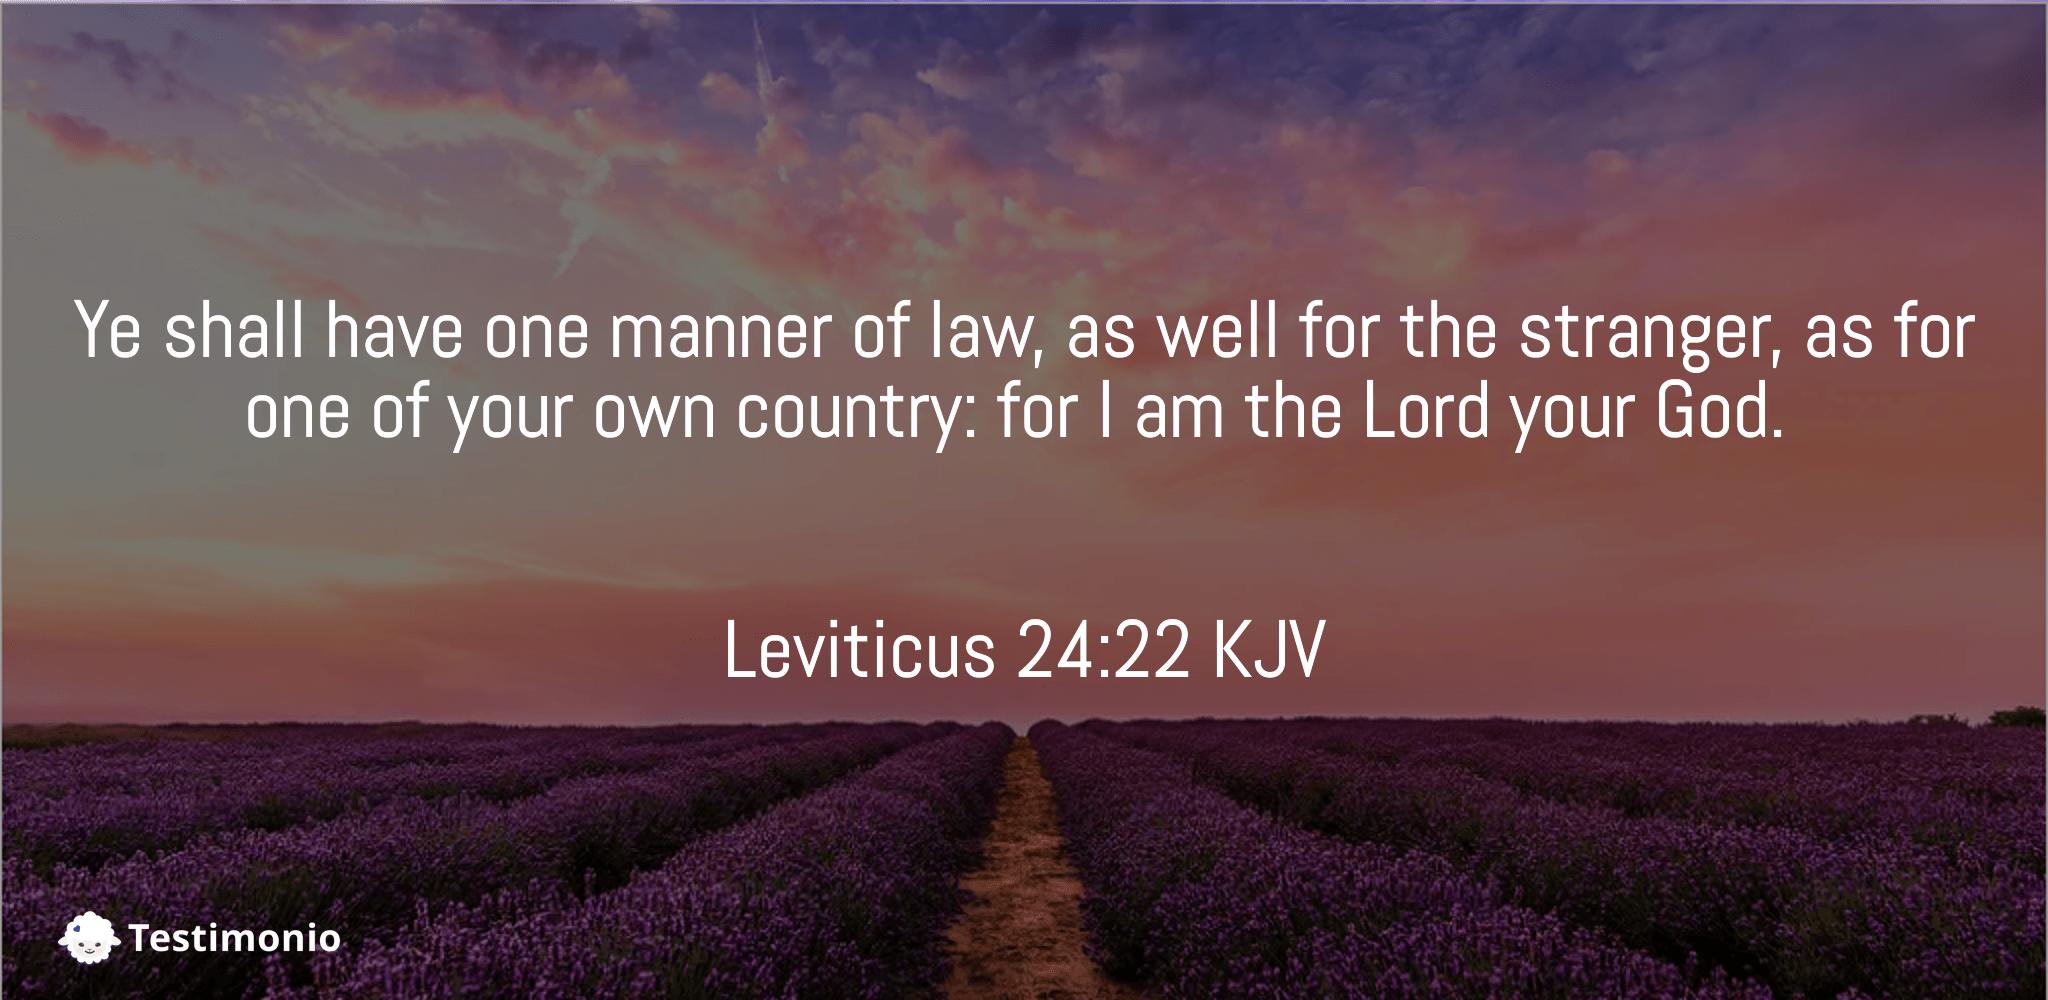 Leviticus 24:22